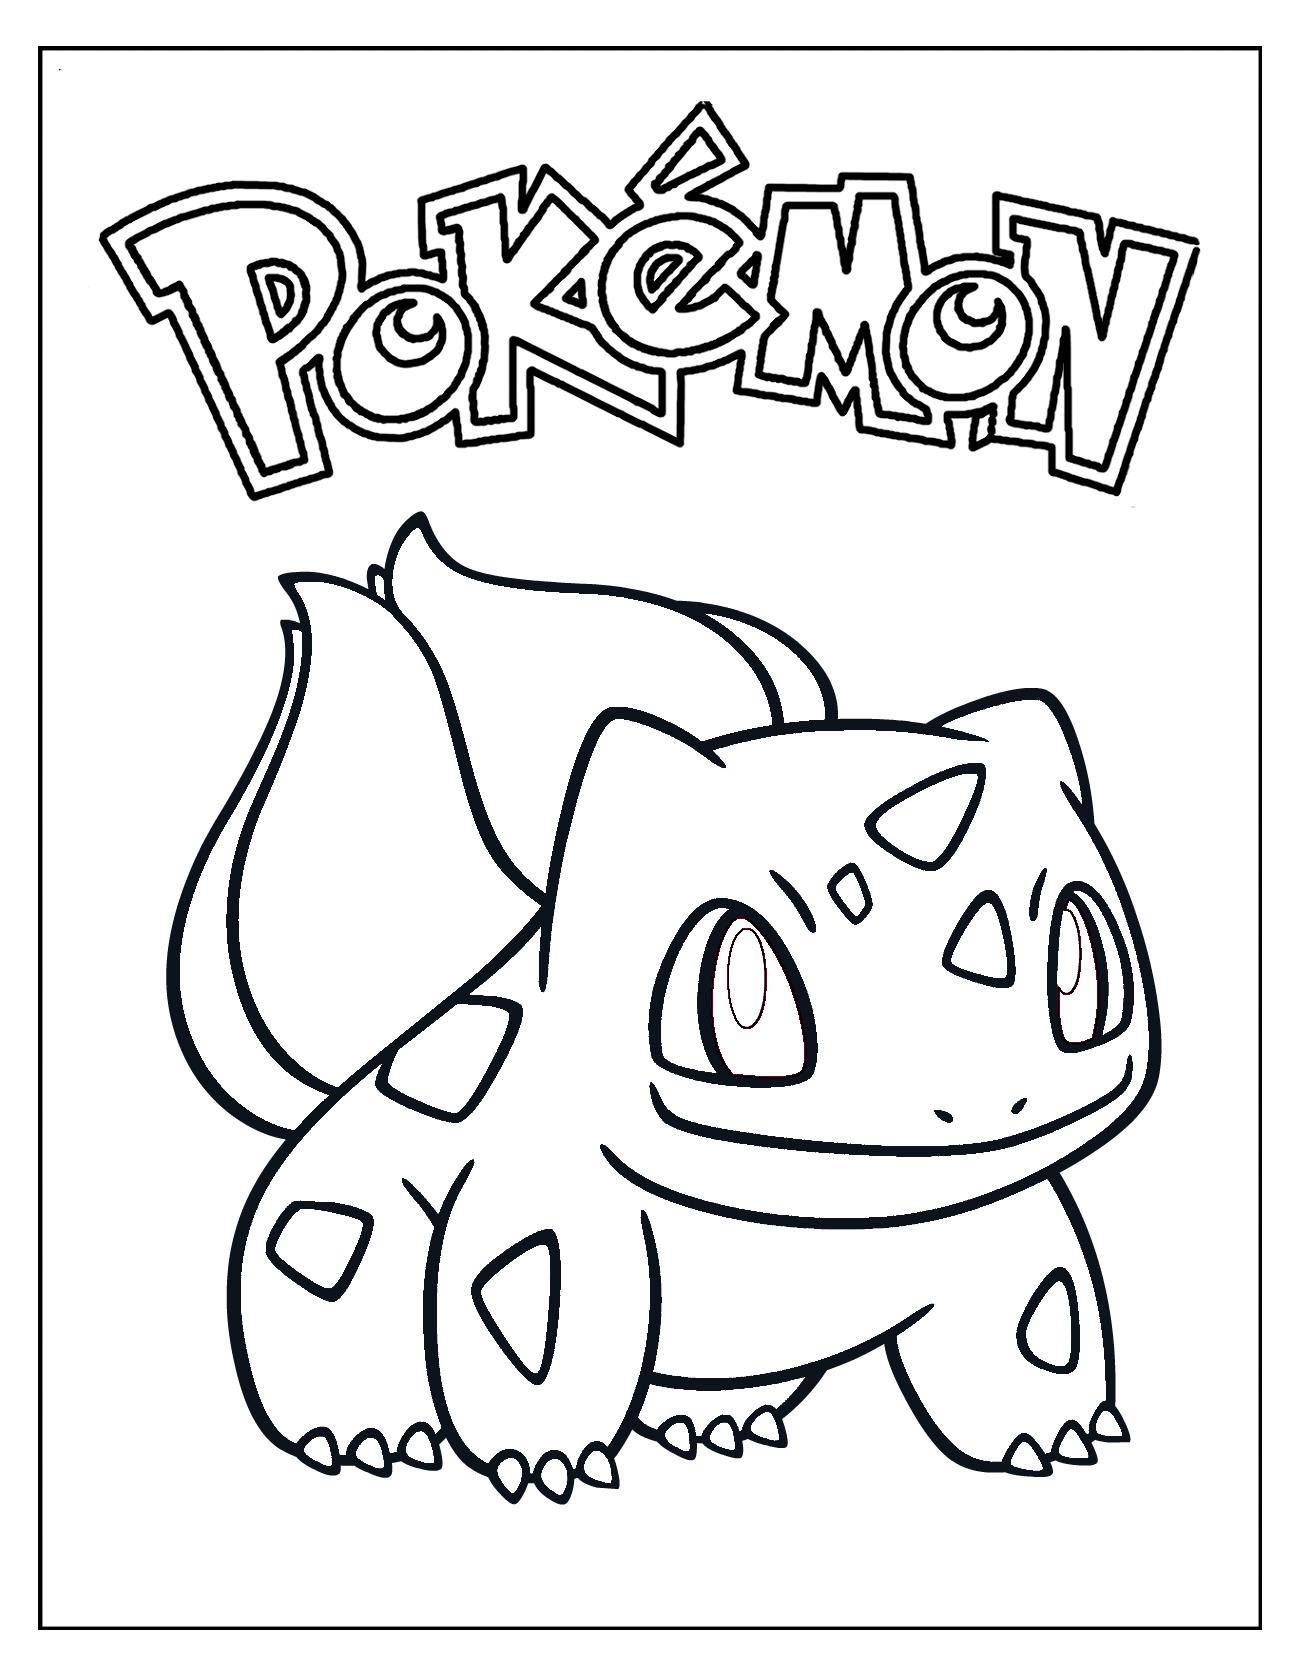 Bulbasaur Coloring Sheet Superhero Coloring Pages Coloring Pages Pikachu Coloring Page